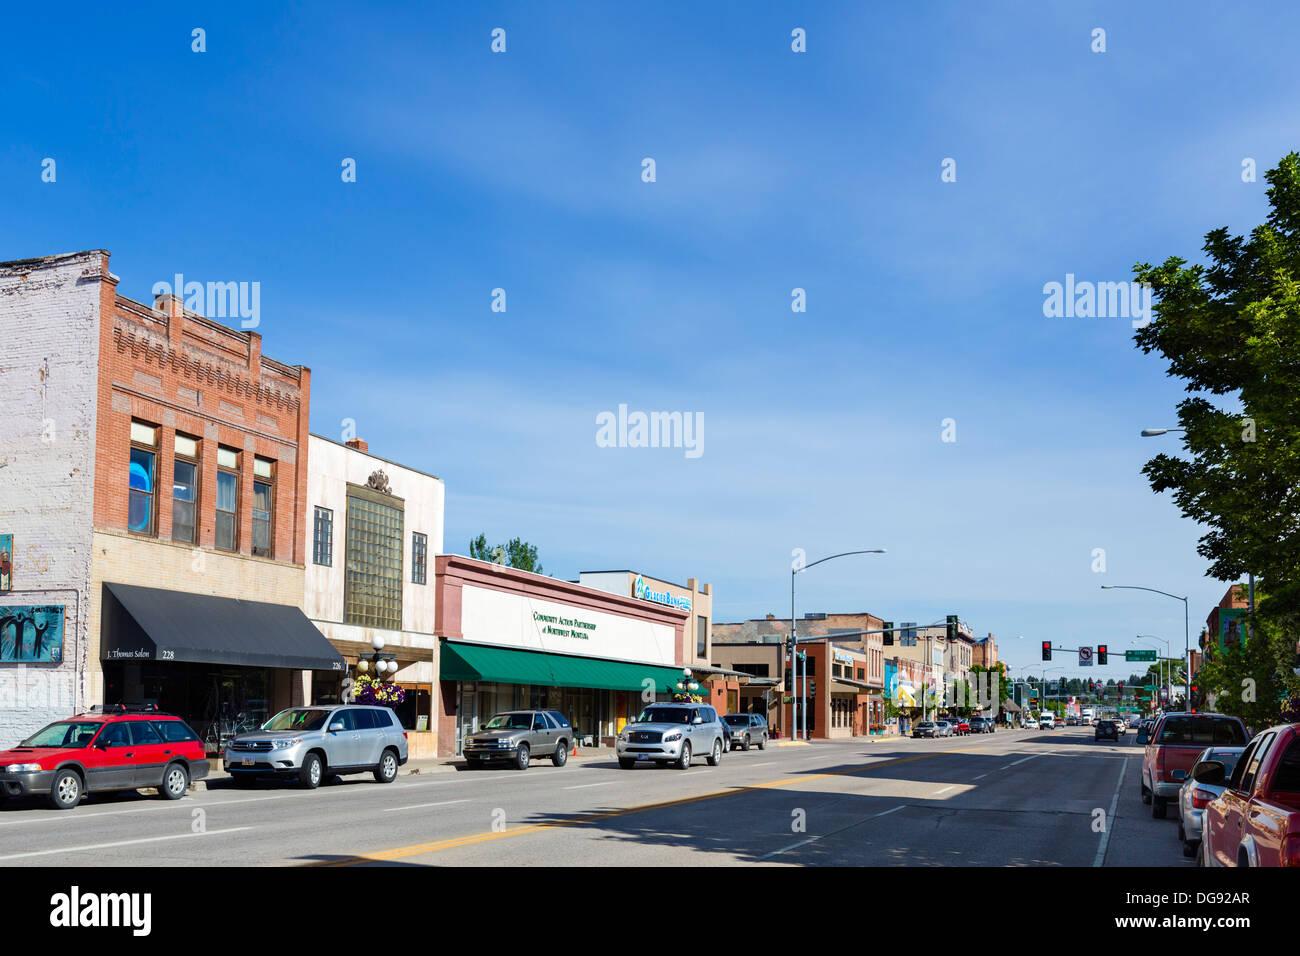 Main Street in Kalispell, Montana, USA Stockbild